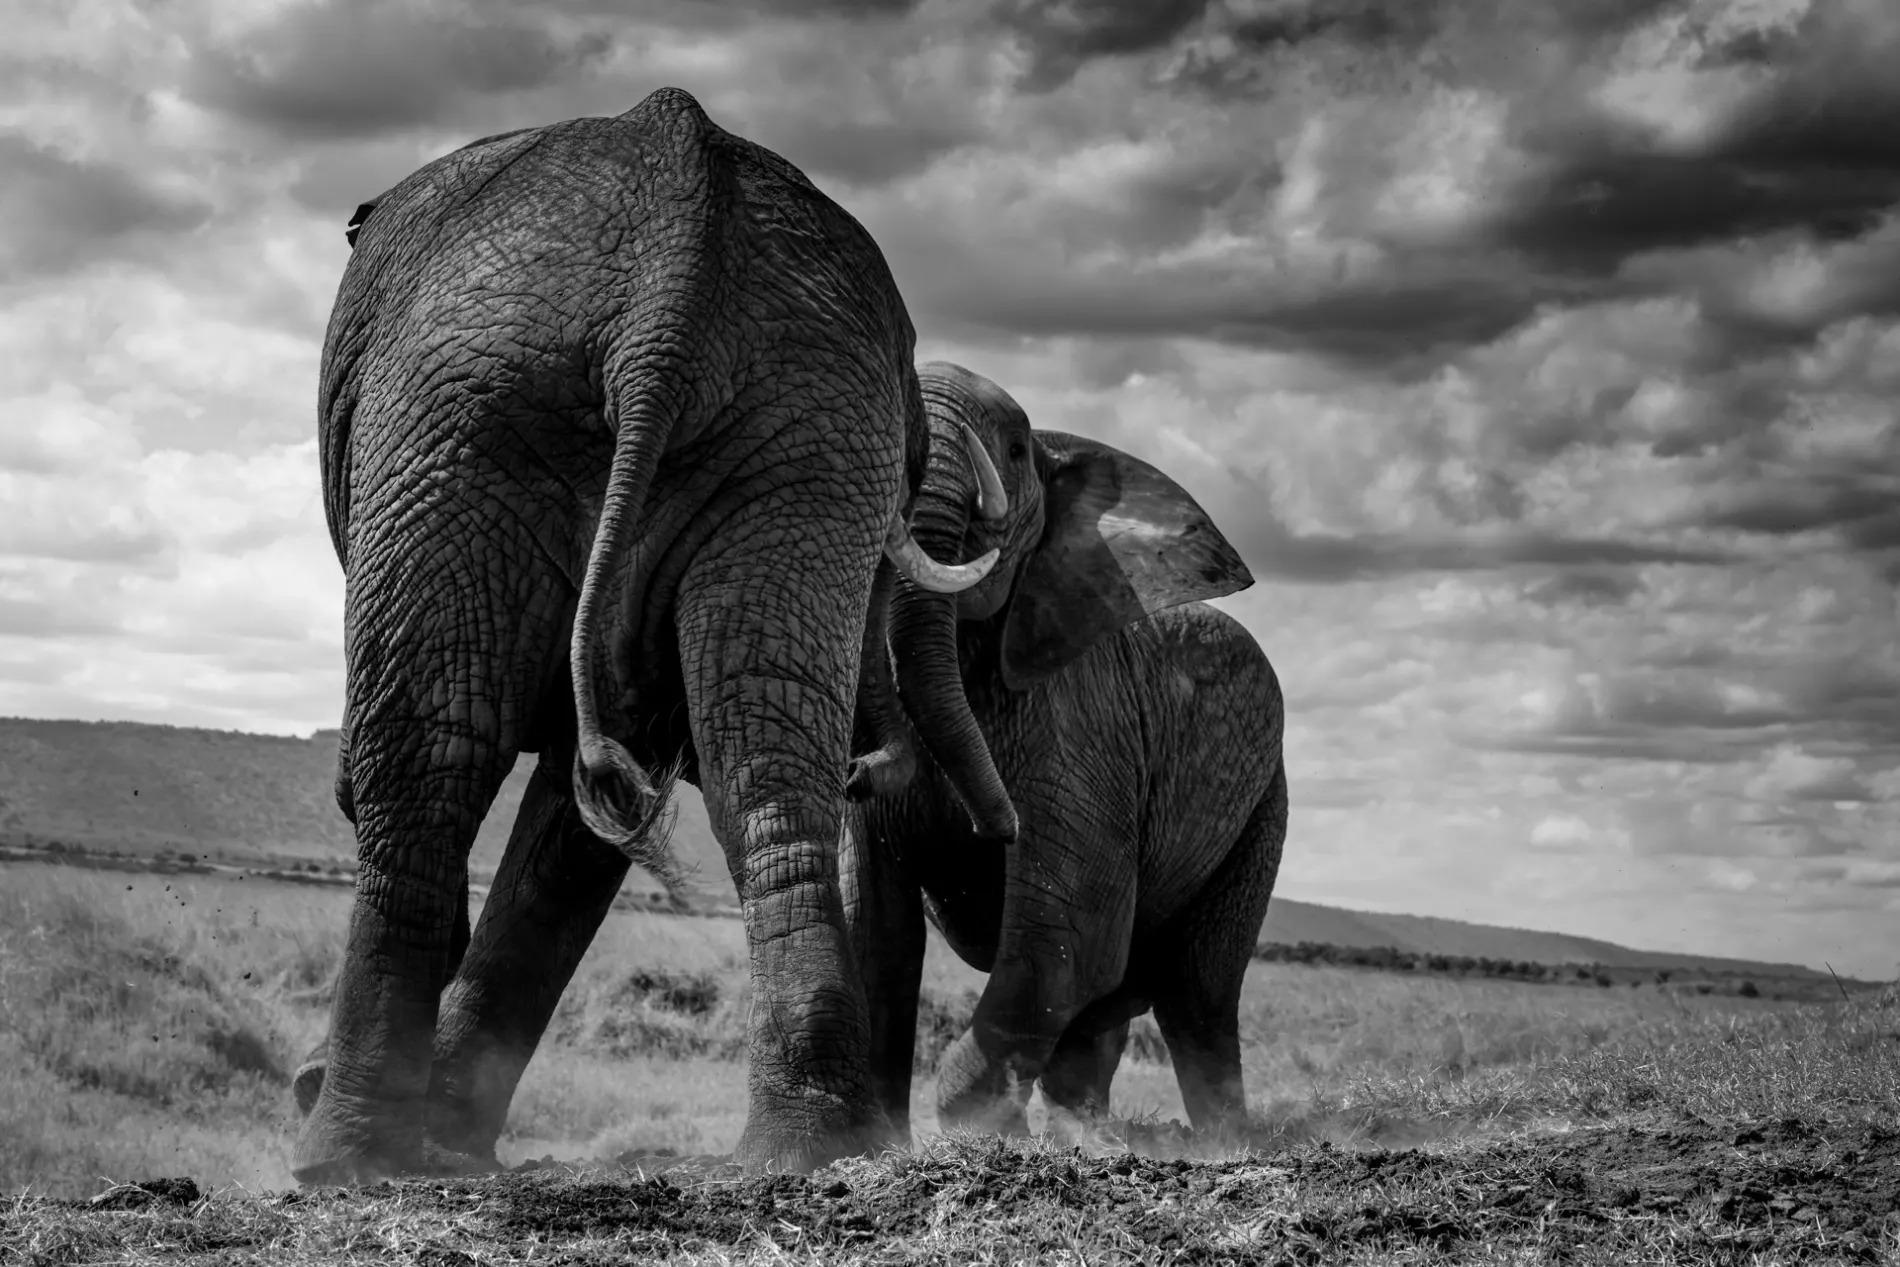 Elephants pushing